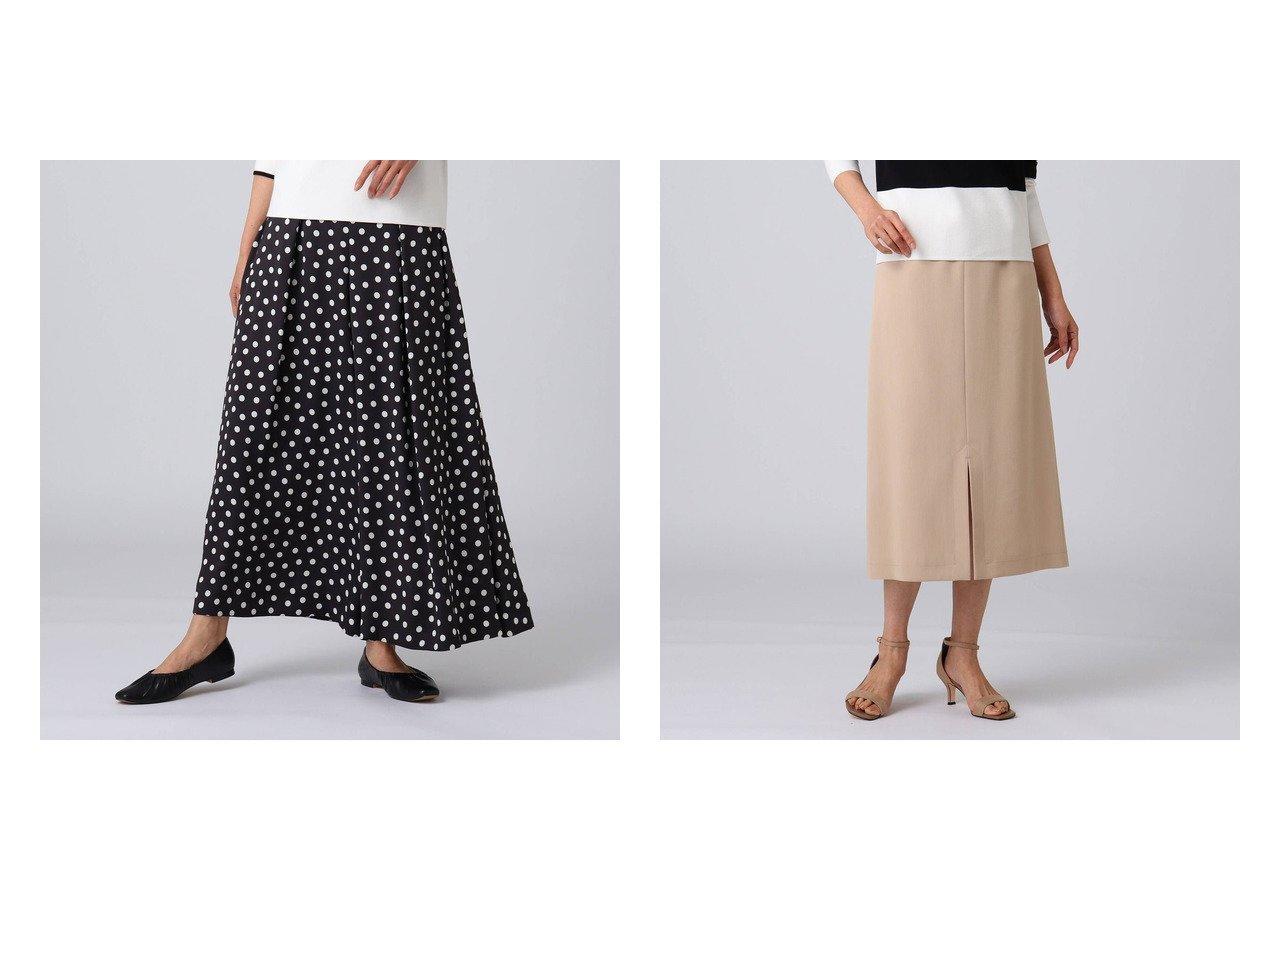 【UNTITLED/アンタイトル】のプランタンバックサテンフレアパンツ&トゥッティーツイルペンシルスカート UNTITLEDのおすすめ!人気、トレンド・レディースファッションの通販 おすすめで人気の流行・トレンド、ファッションの通販商品 メンズファッション・キッズファッション・インテリア・家具・レディースファッション・服の通販 founy(ファニー) https://founy.com/ ファッション Fashion レディースファッション WOMEN パンツ Pants バッグ Bag スカート Skirt 2021年 2021 2021 春夏 S/S SS Spring/Summer 2021 S/S 春夏 SS Spring/Summer インナー サテン ドット フレア プリント ポケット マキシ モチーフ リボン 春 Spring |ID:crp329100000019959